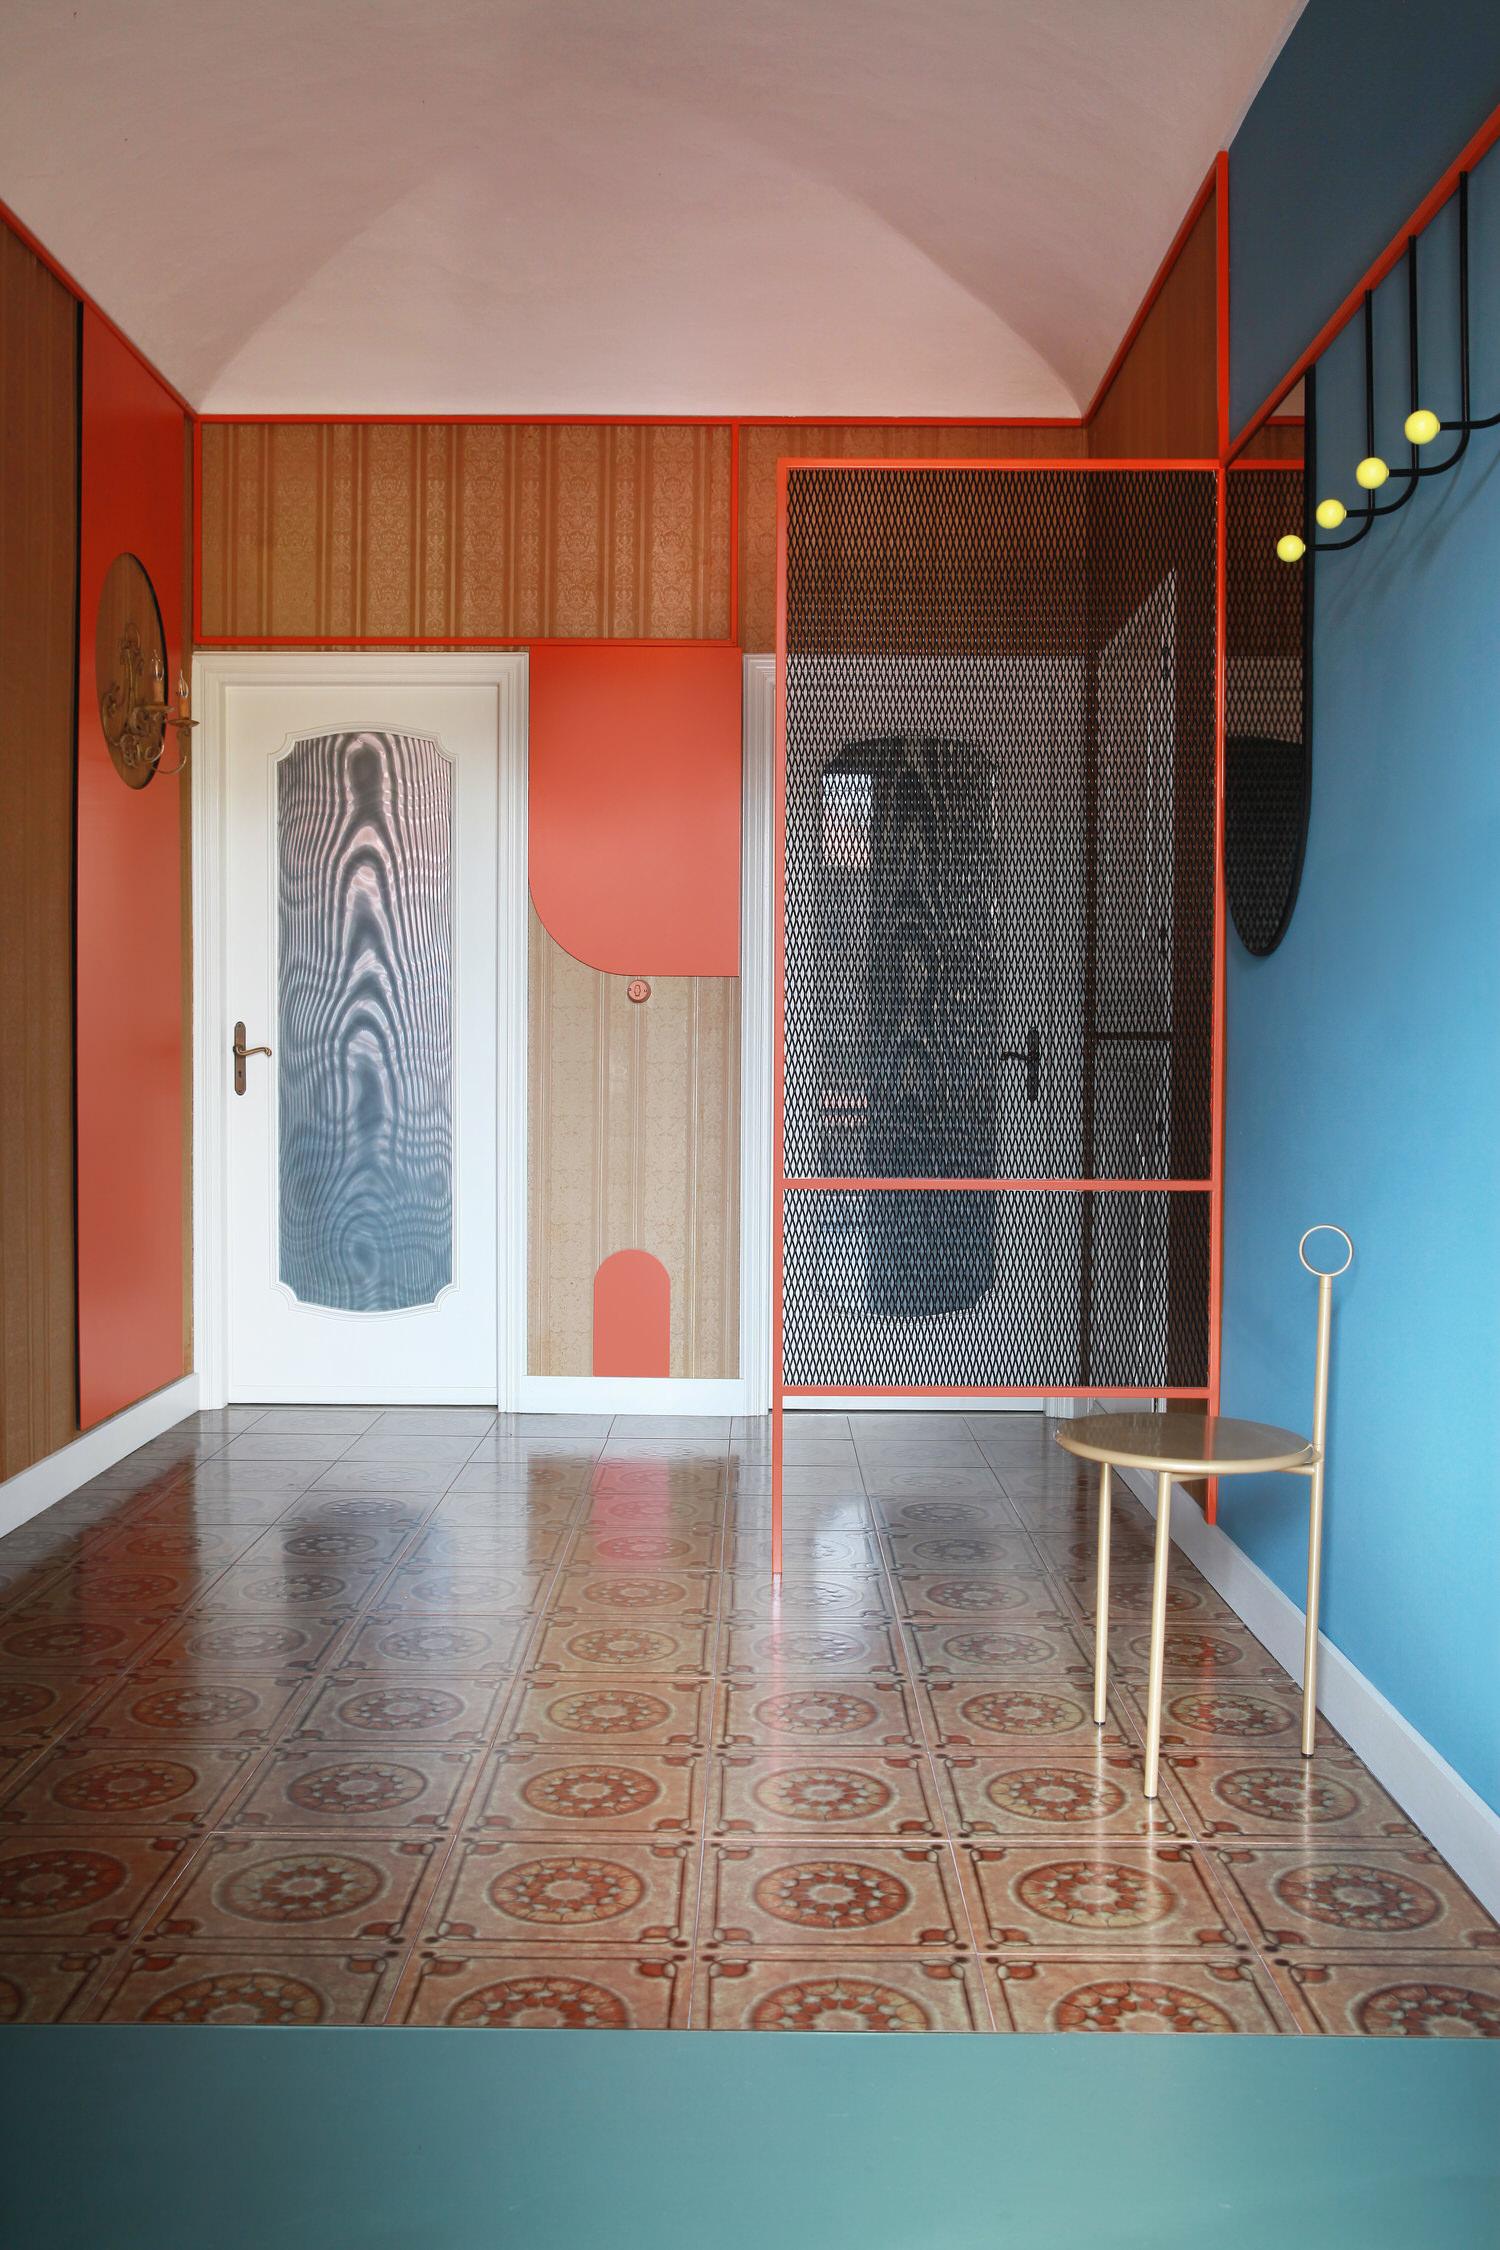 Marcante Testa Private House Renovation Cavallermaggiore Photo Carola Ripamonti Yellowtrace 07